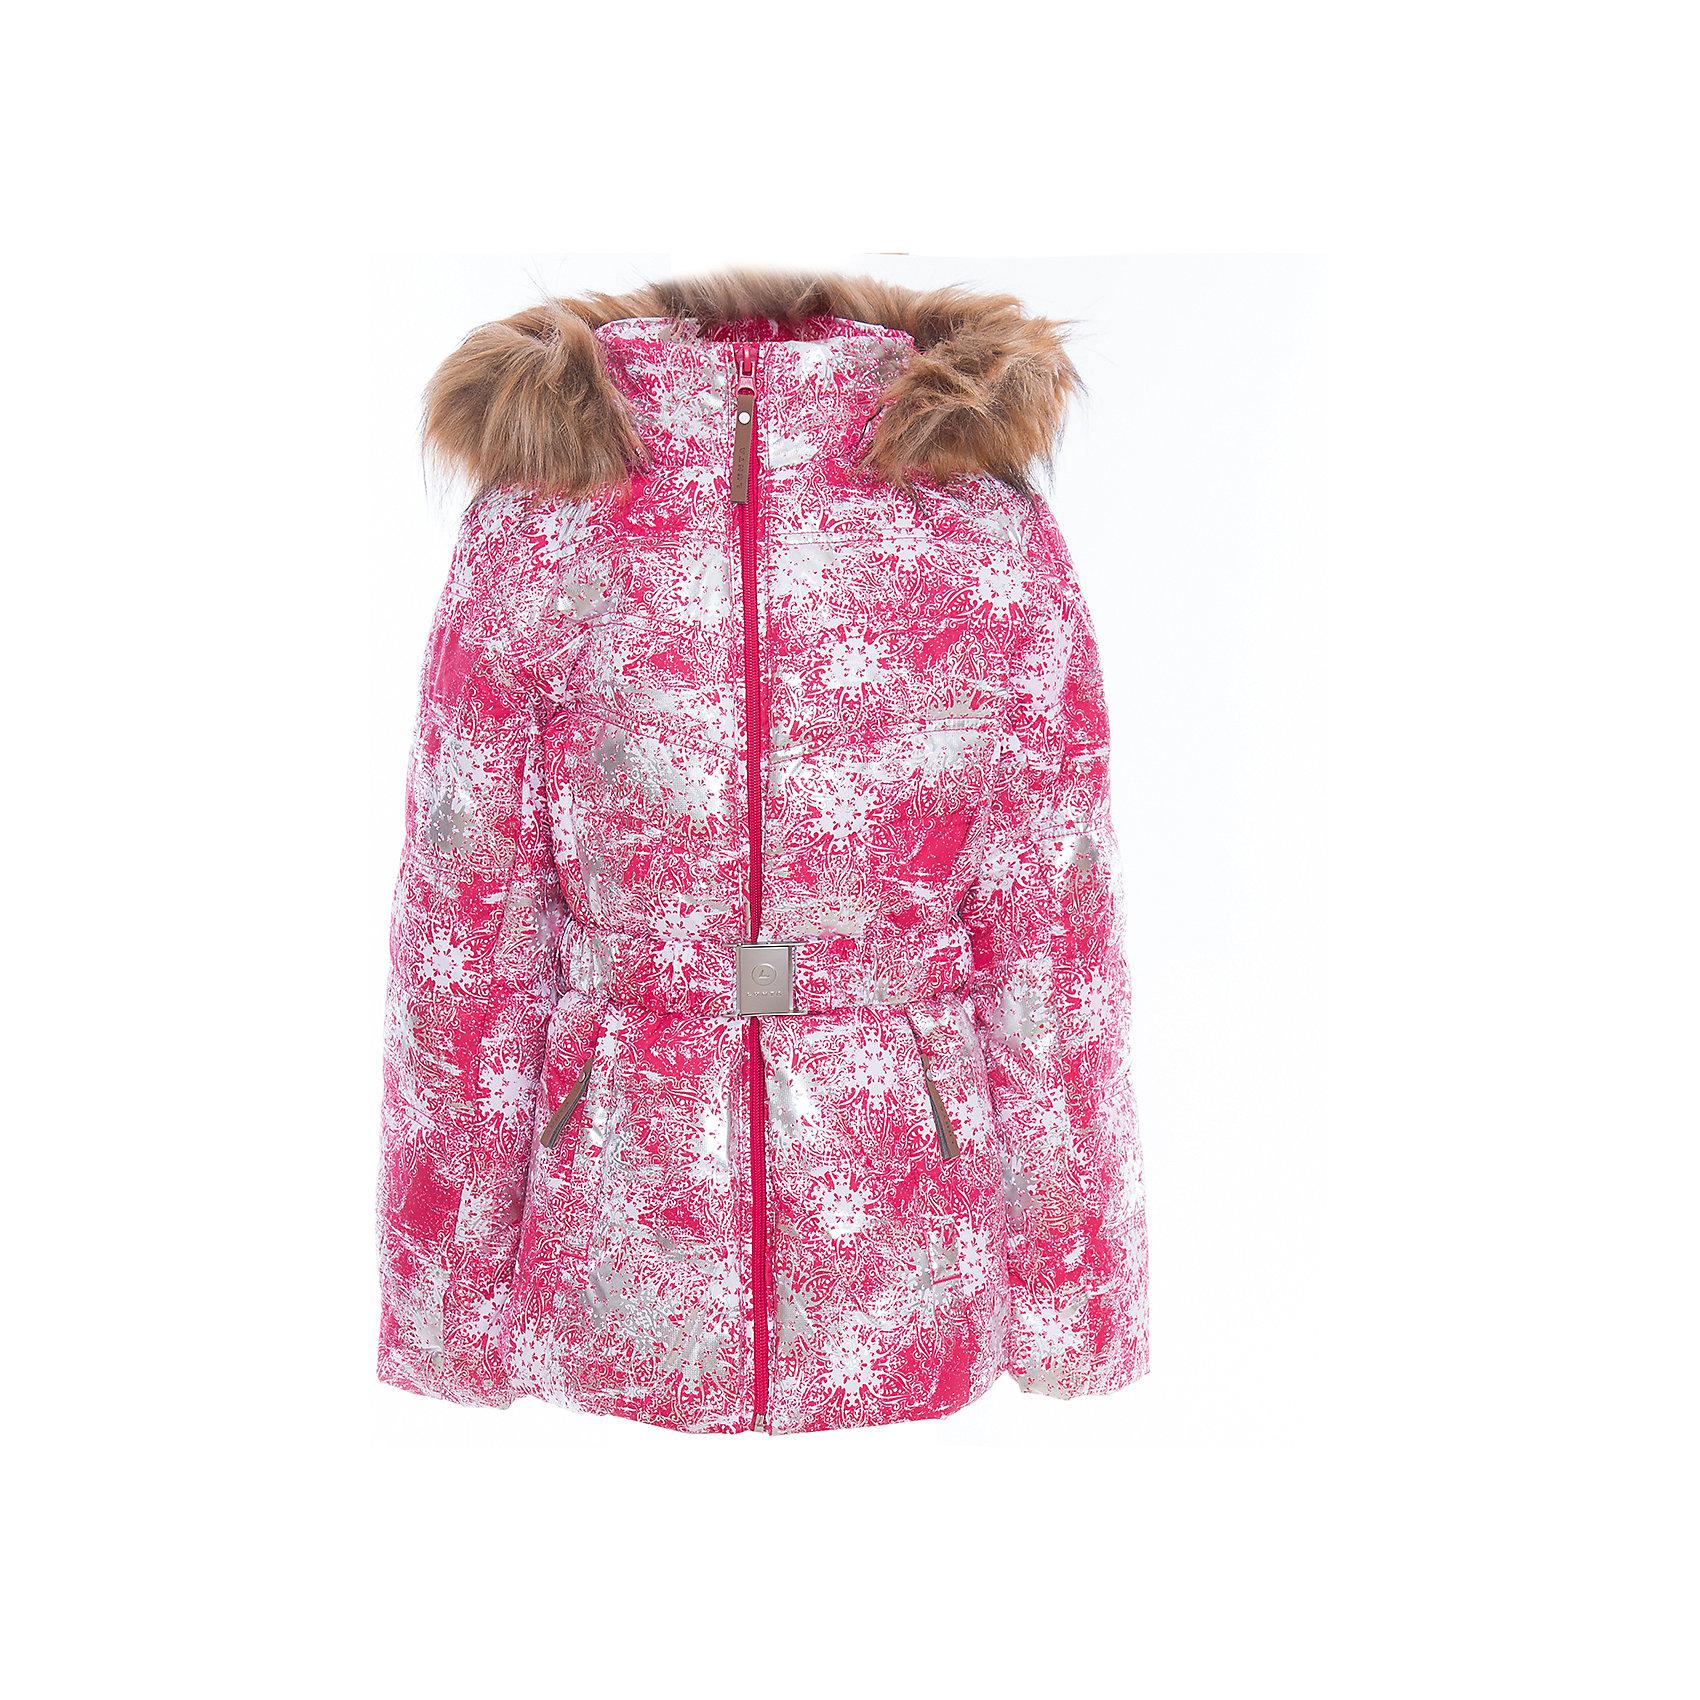 Куртка для девочки LuhtaОдежда<br>Куртка для девочки от известного бренда Luhta.<br>Куртка на поясе с отстегивающимся капюшоном, искусственный мех, принт, элегантный силуэт, боковые карманы на молнии, рукава заканчиваются эластичной резинкой, светоотражающие элементы, утепление 280 гр., искусственный утеплитель Finnwad, мембрана 2000/2000, рекомендуемый температурный режим до -30 град., термометр, показывающий температуру внутри верхней одежды.<br>Технологии: Luhta WATER REPELLENT, Luhta BREATHABLE, 2000/2000, Luhta SAFETY, Luhta TEMPERATURE CONTROL, Luhta FINNWAD, Luhta -30, Reflectors<br>Состав:<br>100% полиэстер<br><br>Ширина мм: 356<br>Глубина мм: 10<br>Высота мм: 245<br>Вес г: 519<br>Цвет: красный<br>Возраст от месяцев: 156<br>Возраст до месяцев: 168<br>Пол: Женский<br>Возраст: Детский<br>Размер: 164,134,140,146,152,158<br>SKU: 5413904